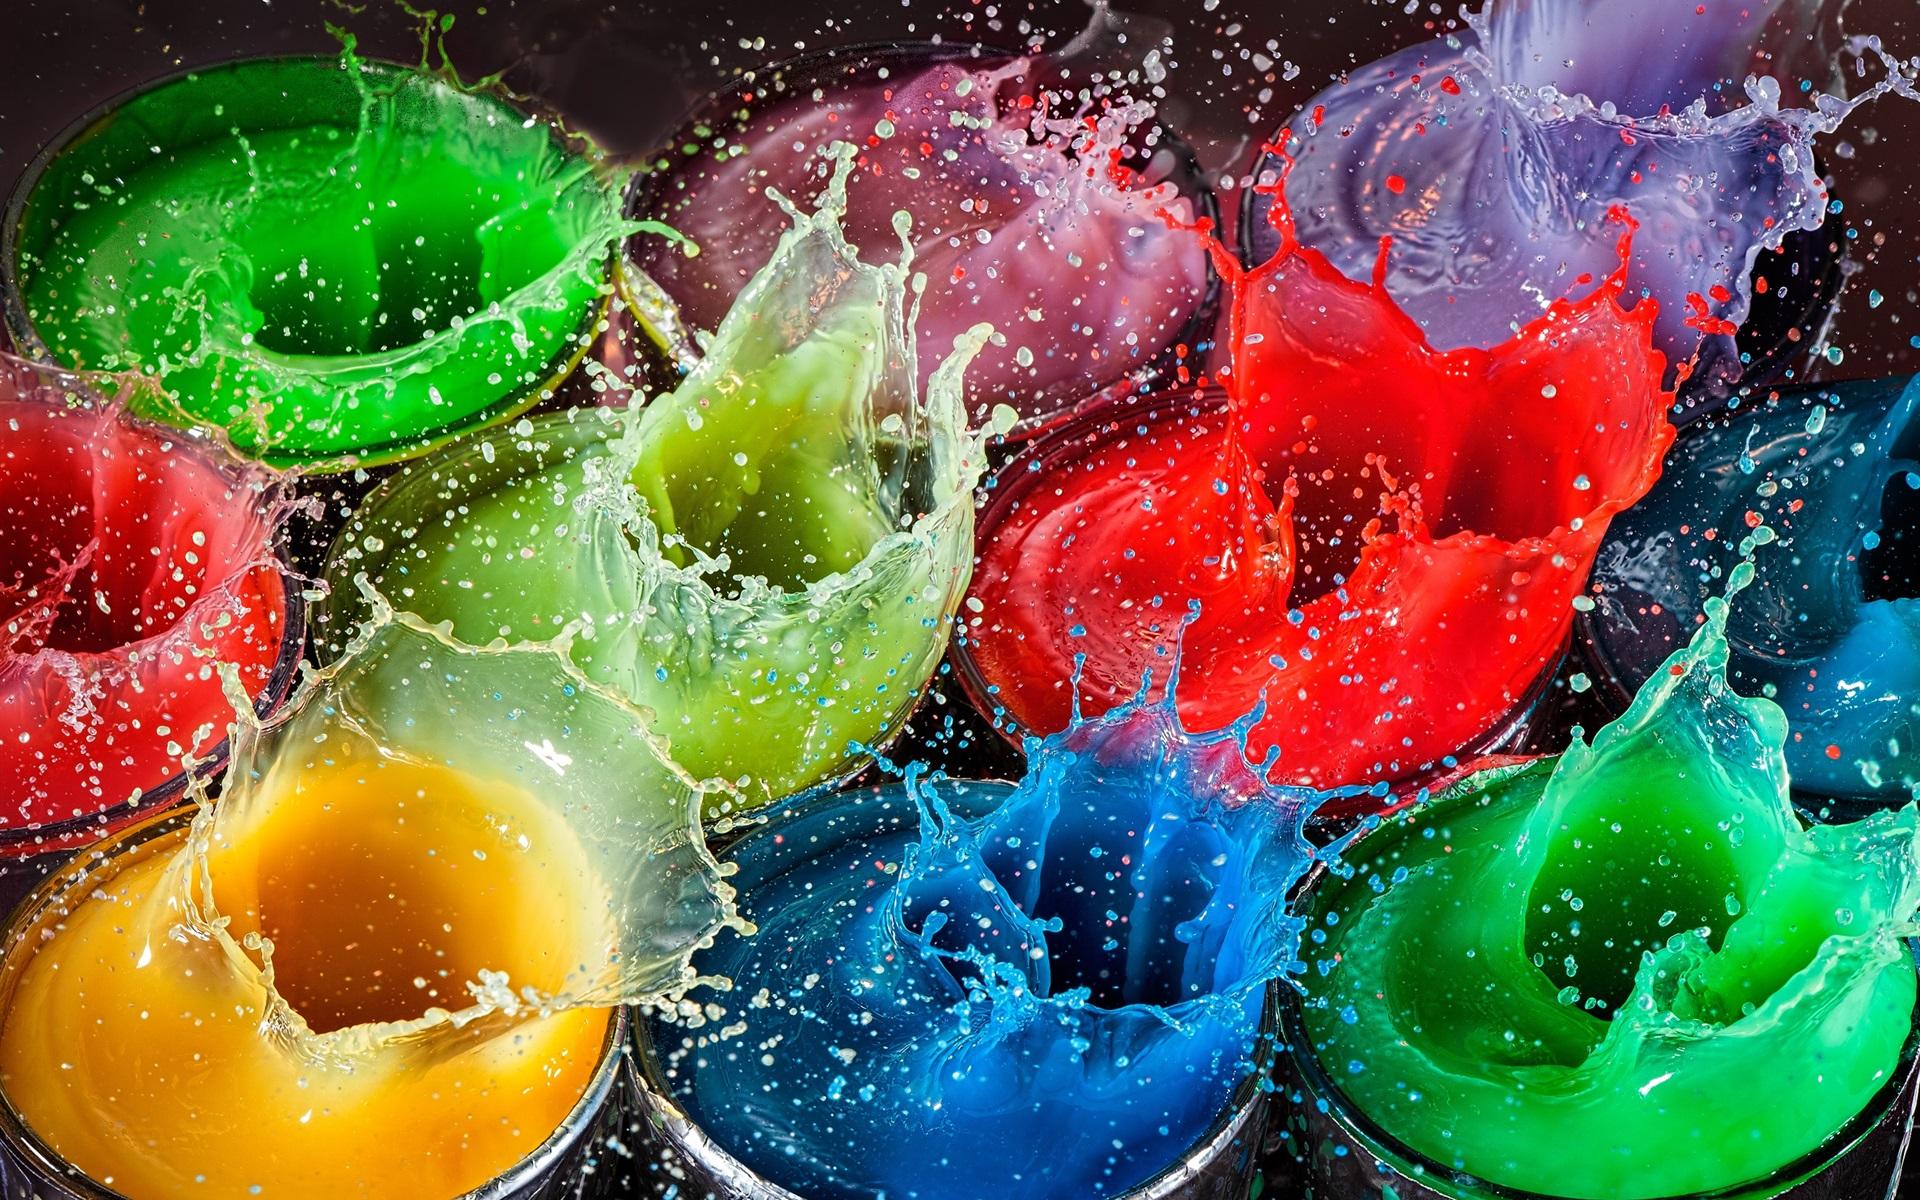 картинки с яркими красками на телефон это